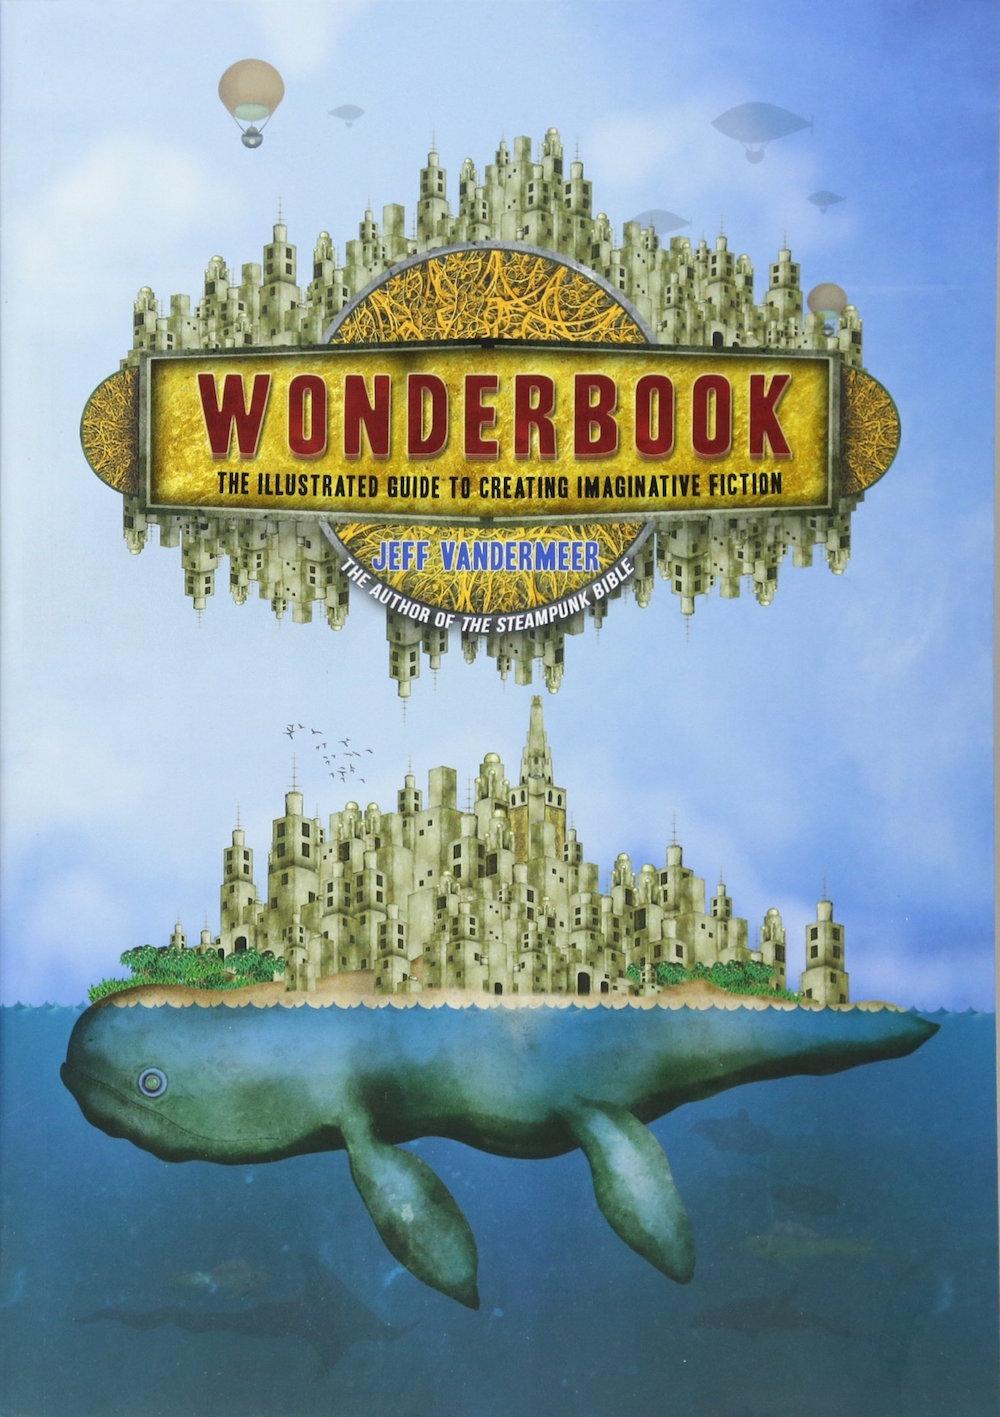 Wonderbook by Jeff VanderMeer